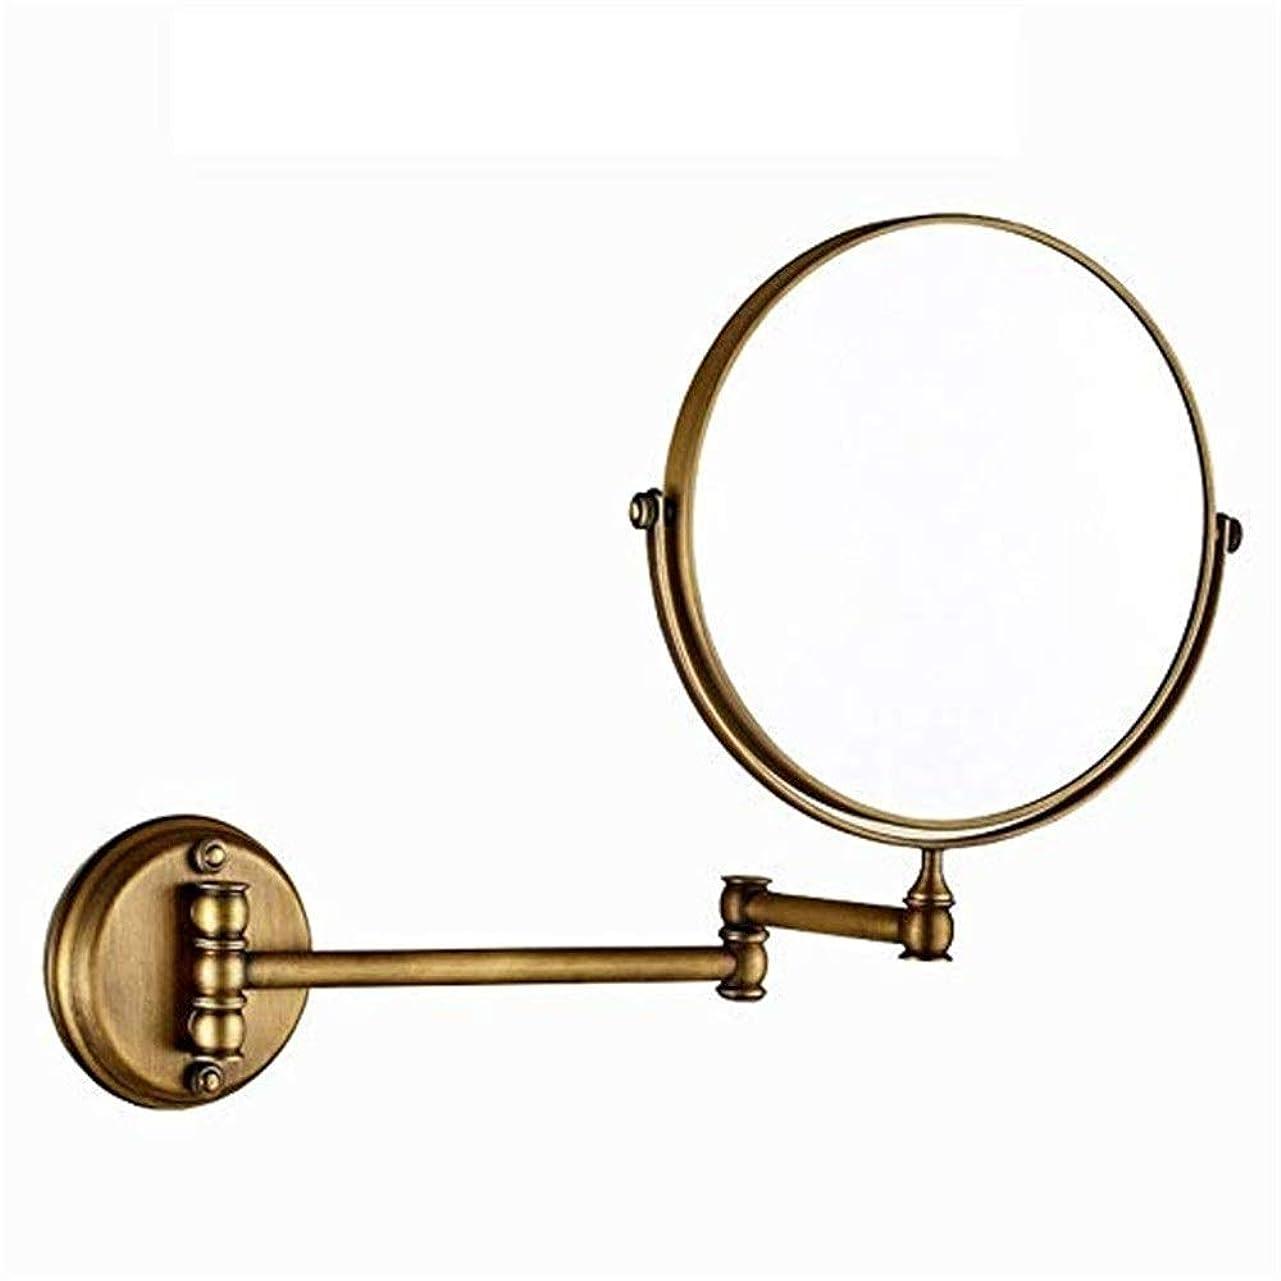 再編成する終了するゲートウェイ化粧鏡 アンティークブロンズラウンド3倍拡大壁掛け美容化粧鏡8インチ両面回転調節可能なバスルームバニティミラー 化粧化粧鏡 (色 : ゴールド, サイズ : ワンサイズ)